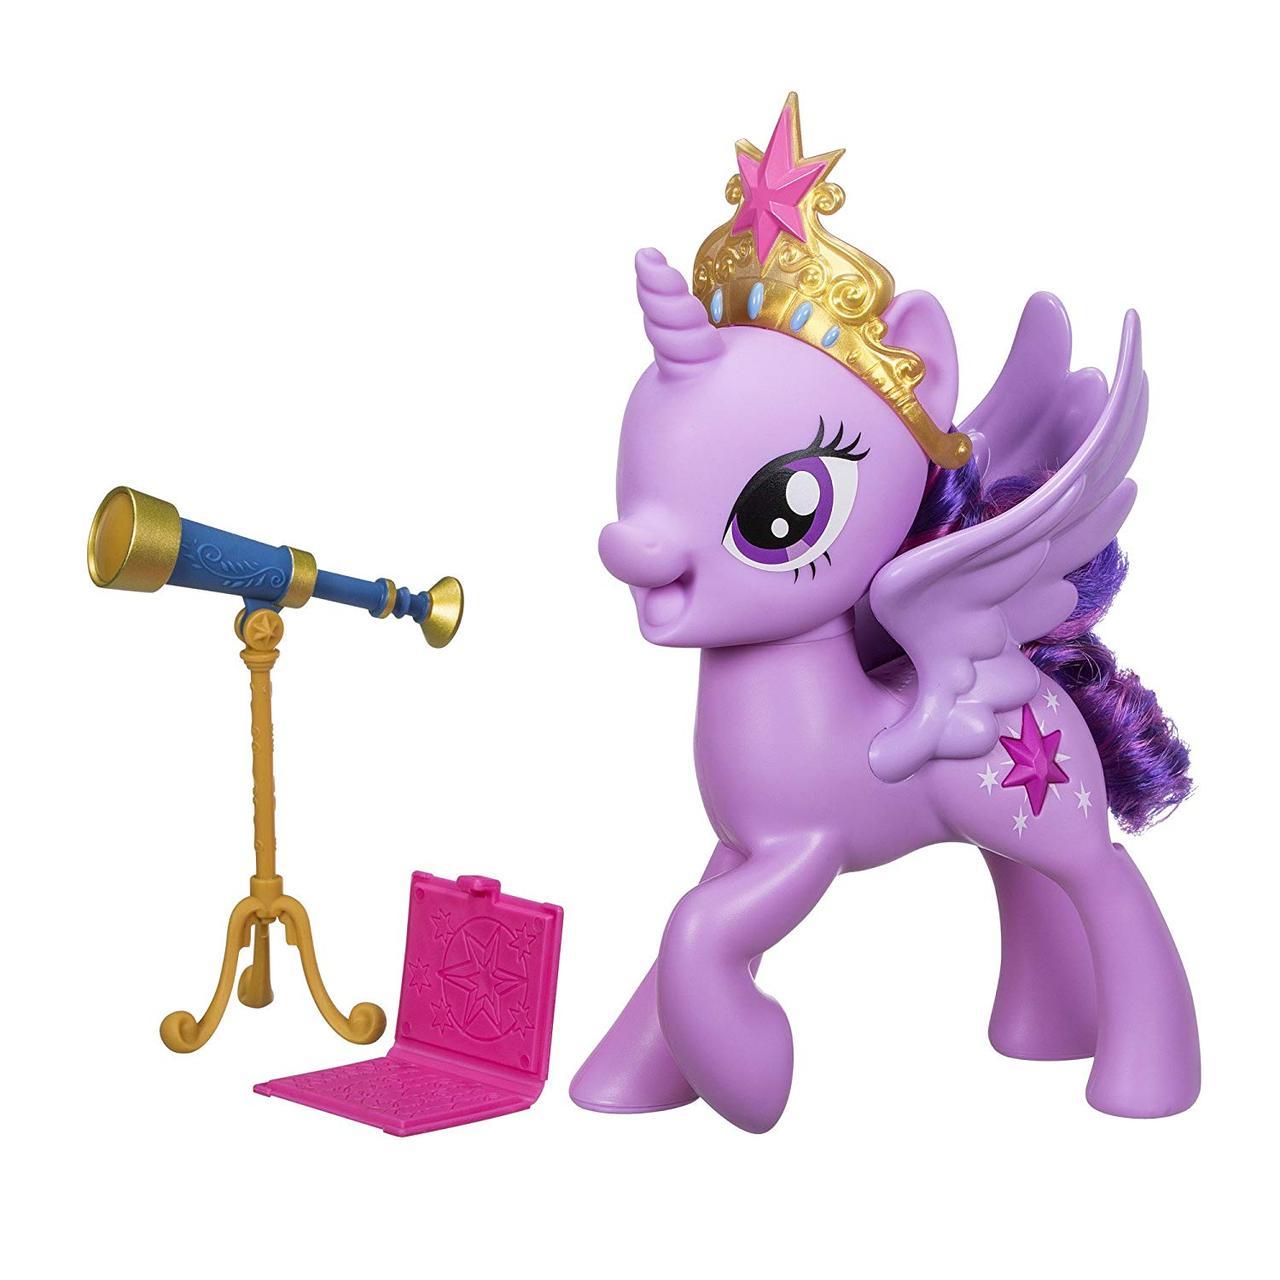 Пони интерактивная говорящая Твайлайт Спаркл Искорка Май Литл Пони My Little Pony Meet Twilight Sparkle Hasbro